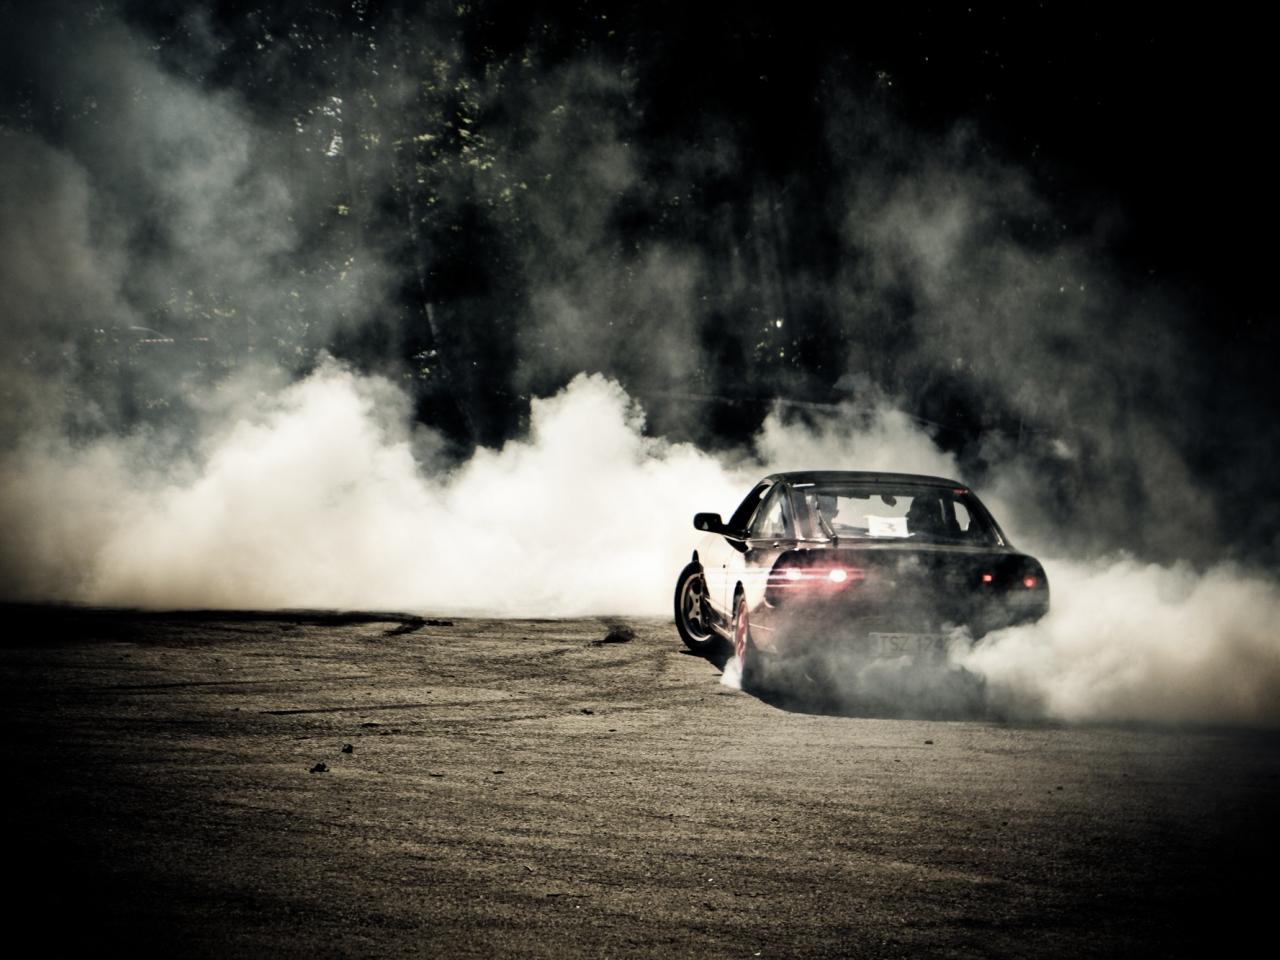 Download 1280x960 Wallpaper Sports Car, Drift, Smoke